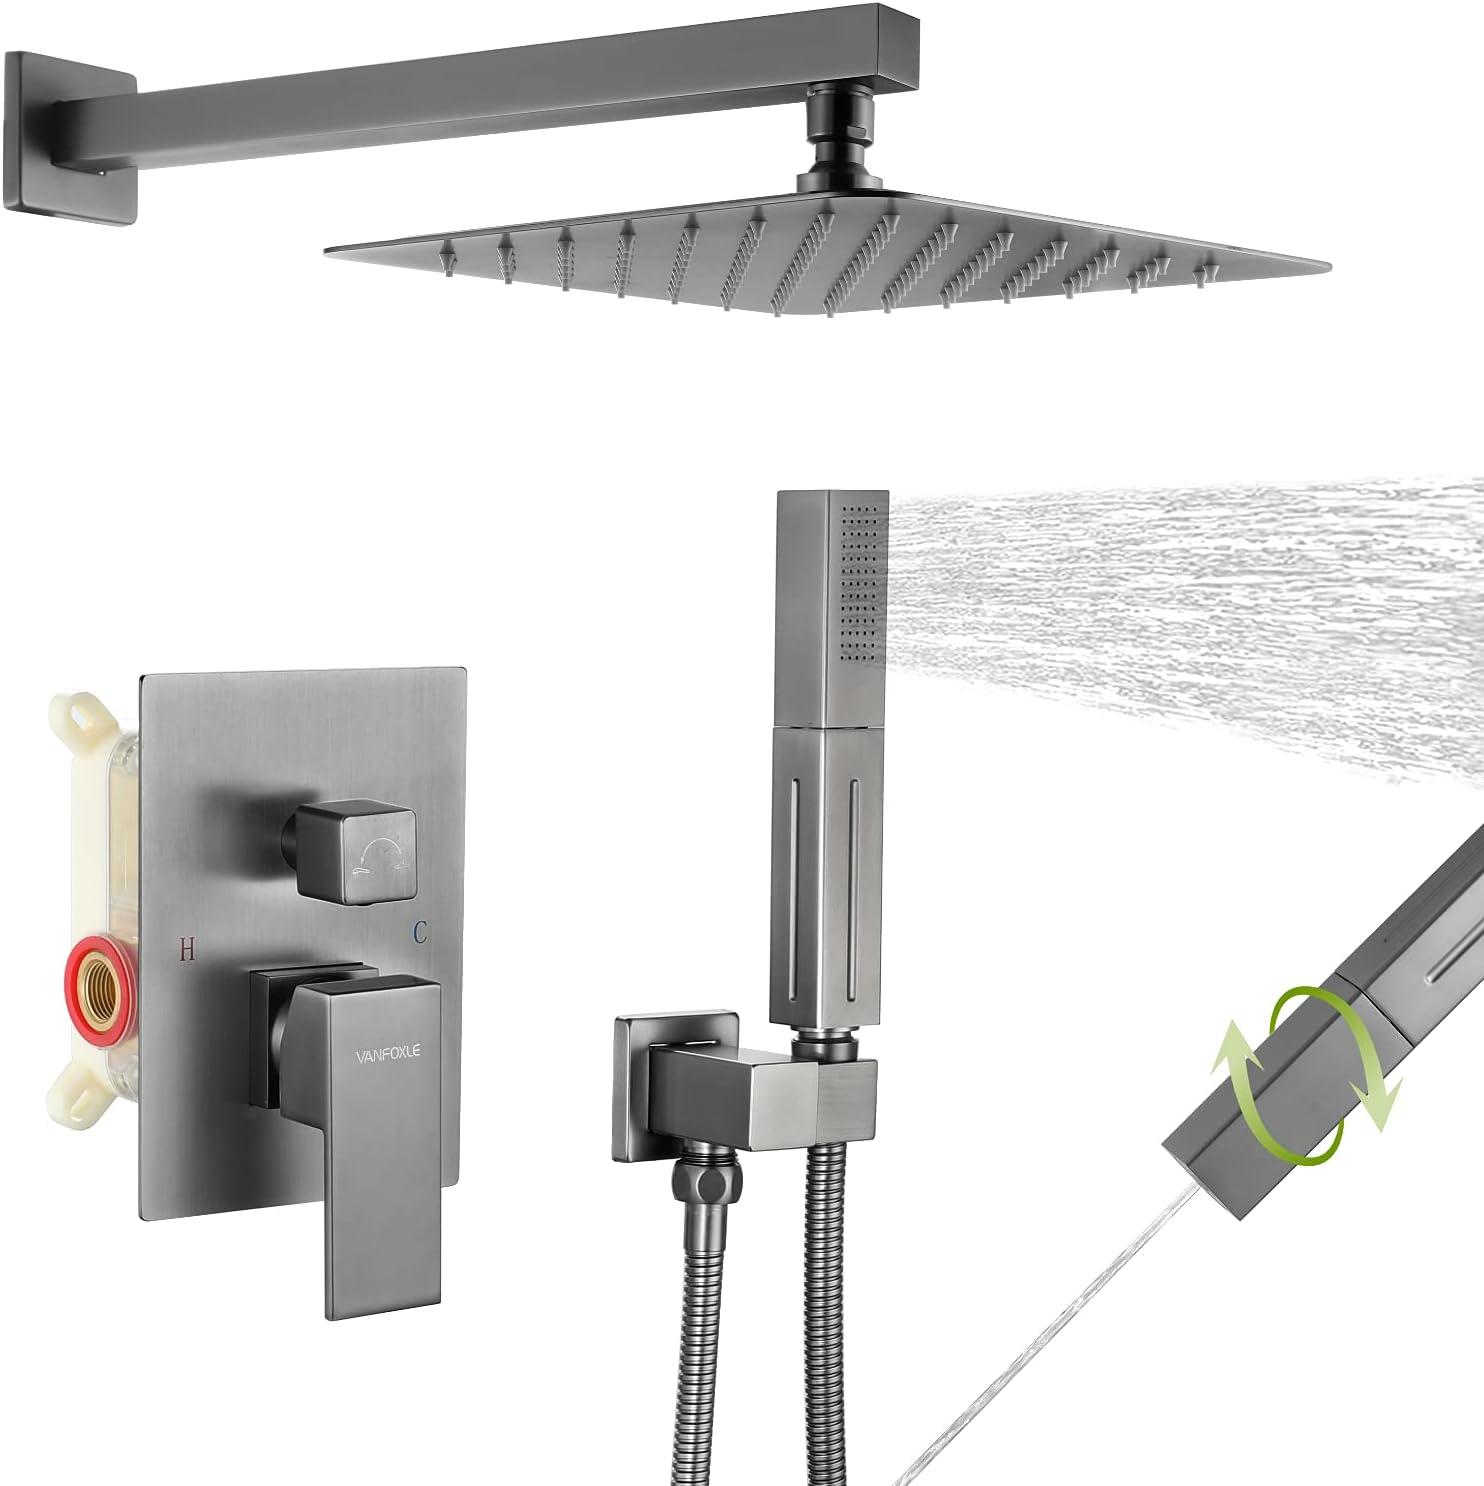 Buy Shower System Brushed Metal Gun Shower Faucet Set Complete ...